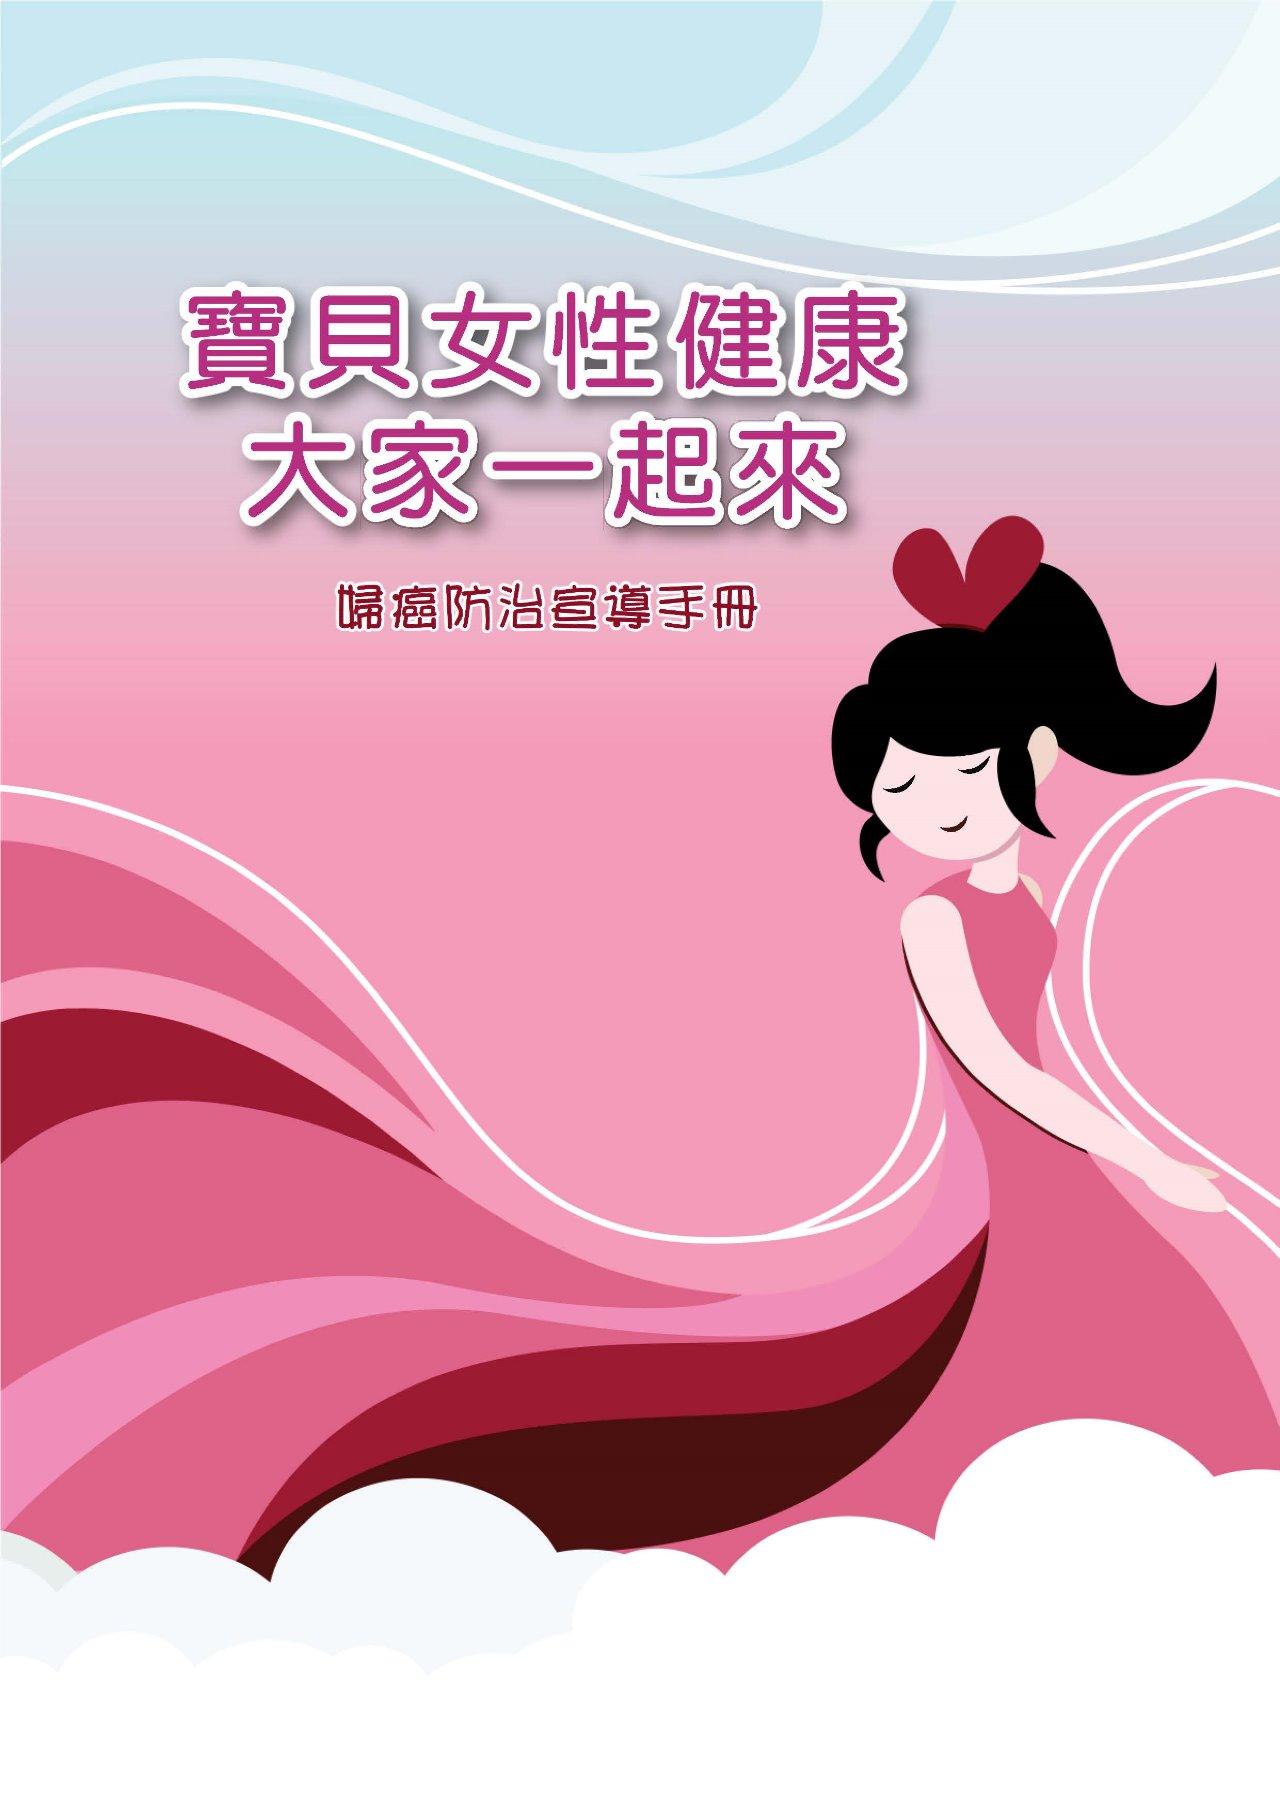 「寶貝女性健康 大家一起來」─婦癌防治宣導手冊